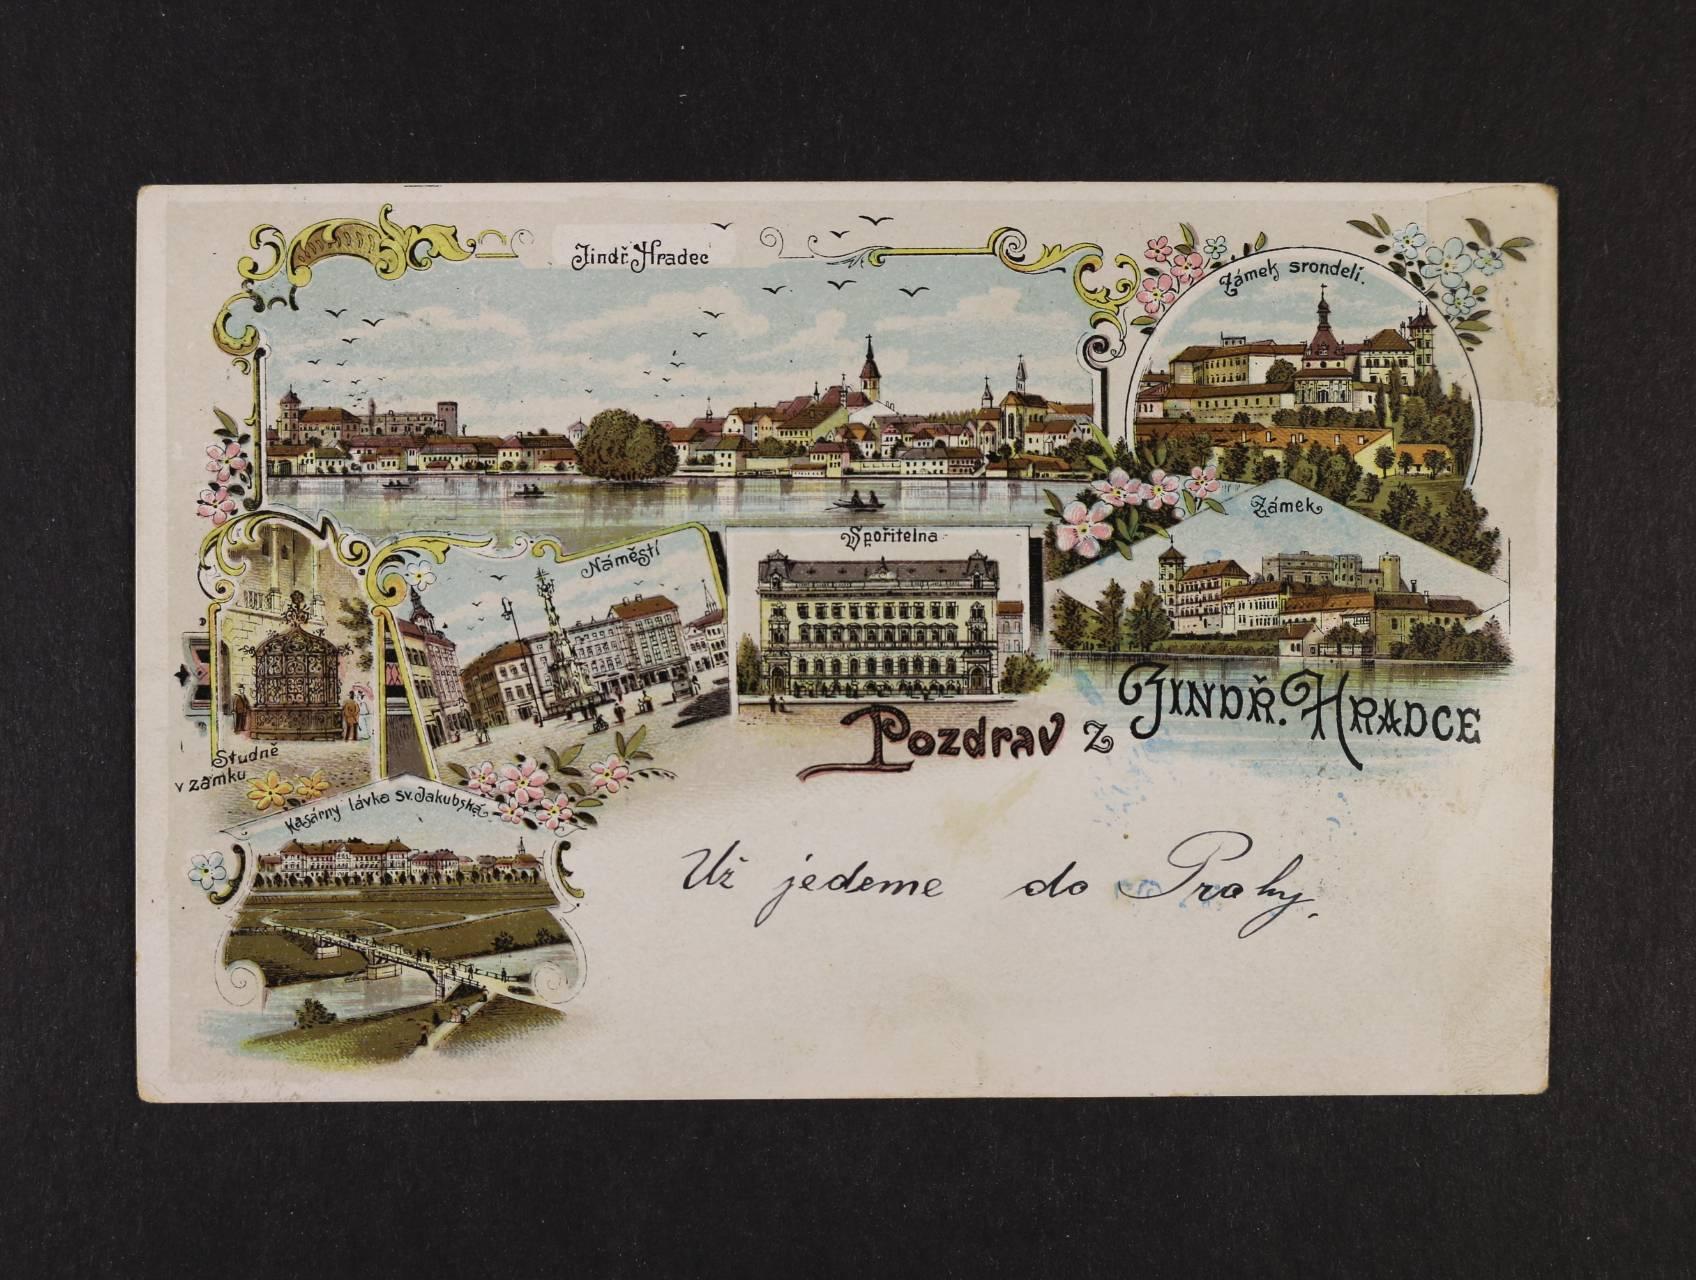 Jindřichlův Hradec - bar. litograf. koláž, použitá 1901, v pravém horním rohu lom